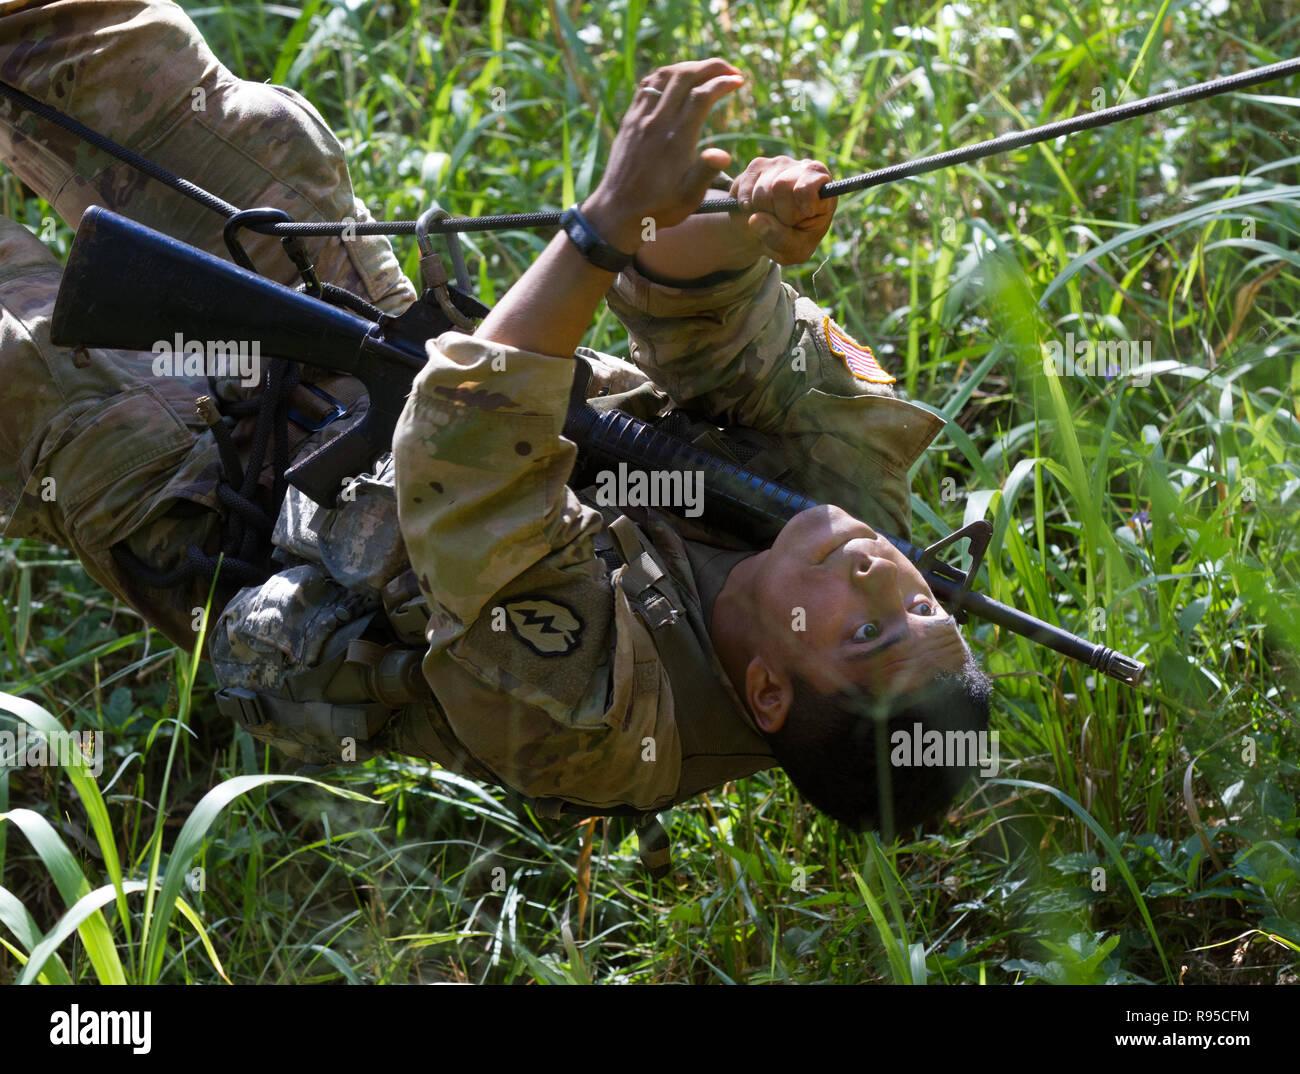 Un soldado del Ejército de EE.UU. con la 25ª División de Infantería realiza un rastreo de la cuerda hacia atrás colgado boca abajo durante el Tropic Lightning Semana en Schofield Barracks, a 17 de diciembre de 2018 en Honolulu, Hawaii. Imagen De Stock